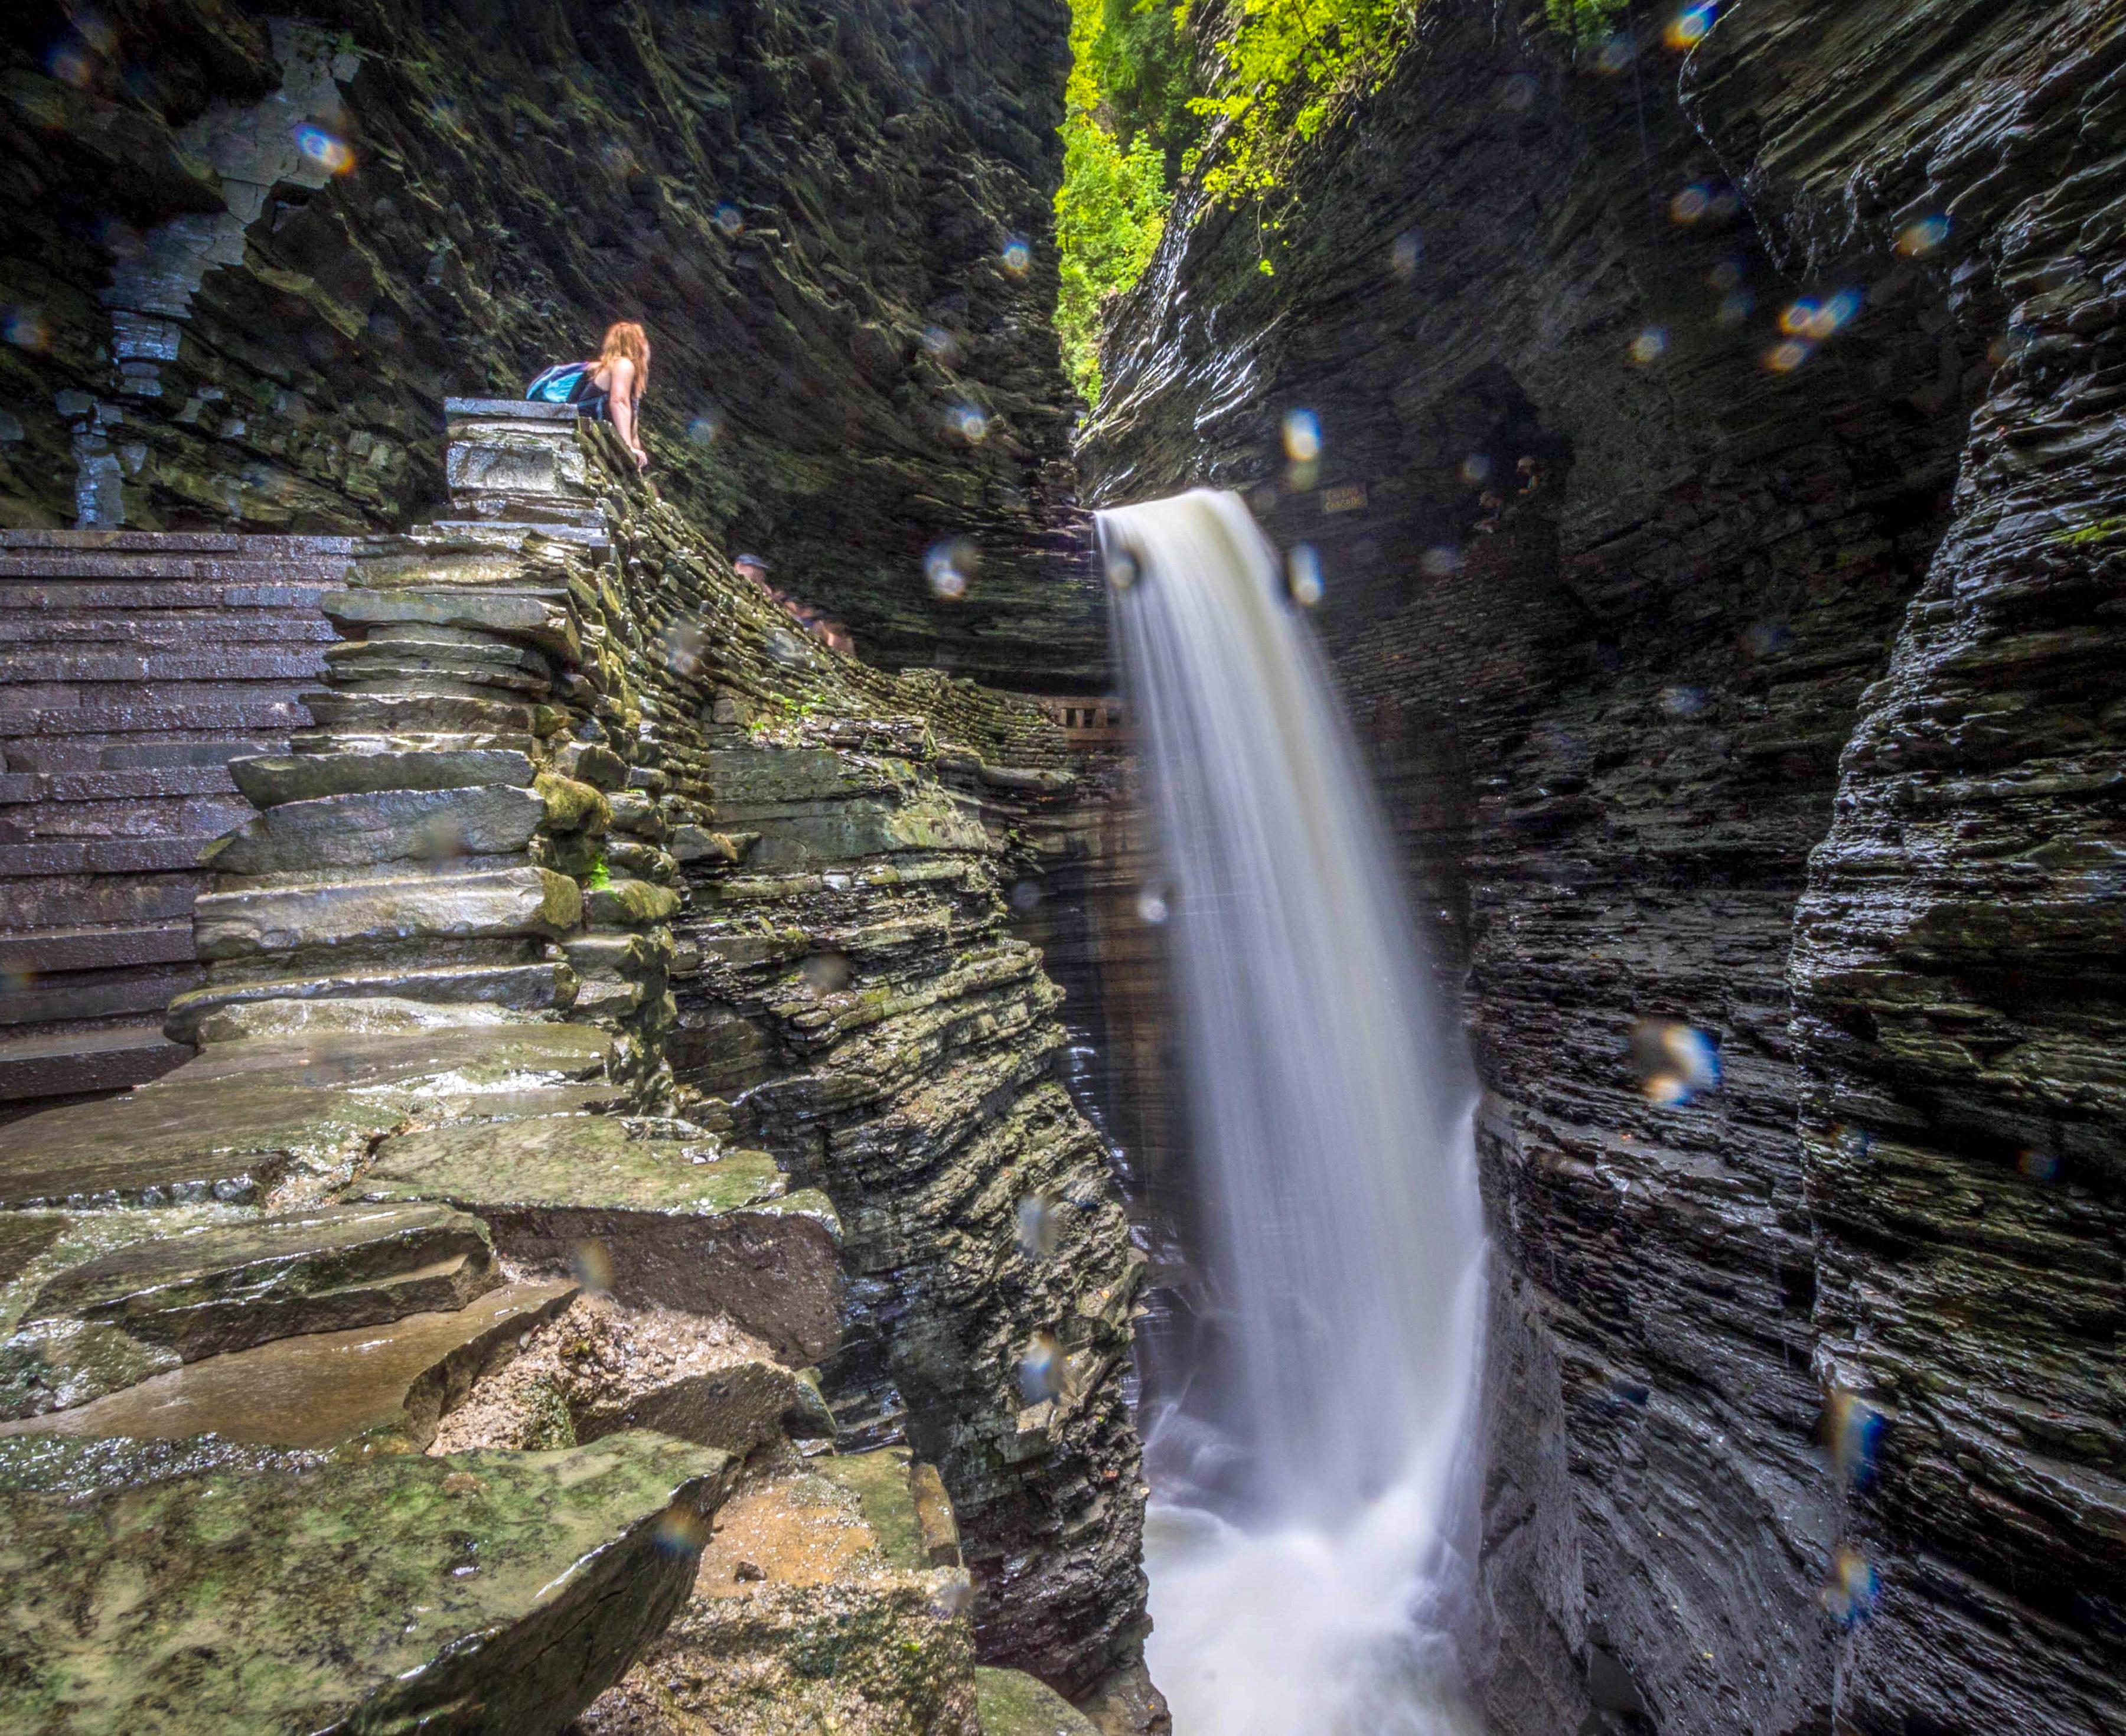 #waterfallchasers #myFLXtbex #watkinsglenstatepark #watkinsglengorgetrail #watkinsglengorge #upstateNY #fingerlakes #watkinsglen #racinghistory #upstatenewyork #iloveny #hikingmom #hikingadventures #womenwhohike #girlswhohike #sheexplores #chasingwaterfalls #momswhohike #friendswhohike #hikingday